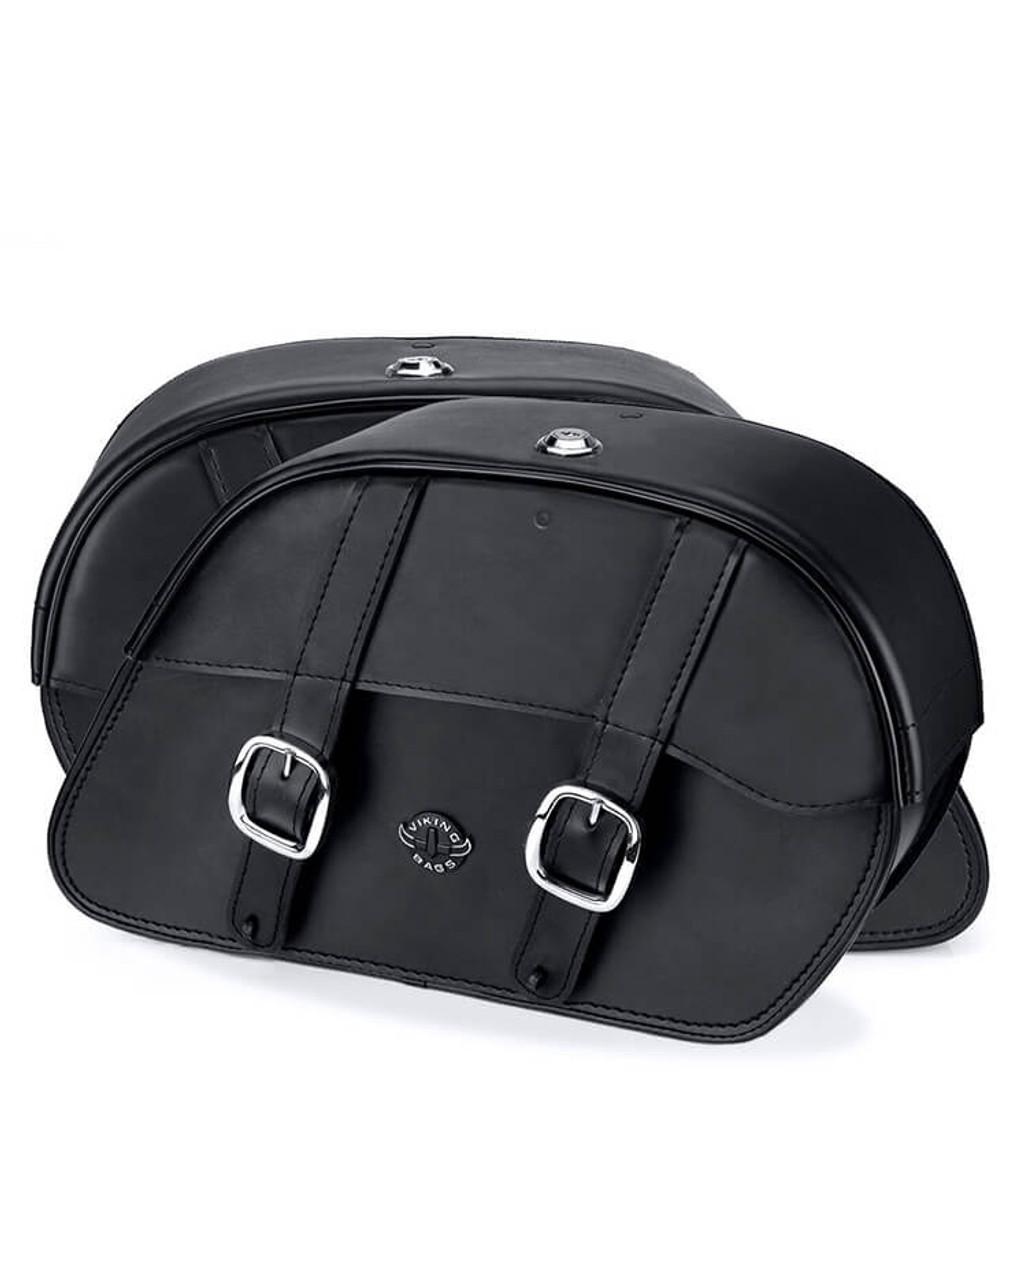 Honda 1100 Shadow Aero Charger Medium Slanted Motorcycle Saddlebags Both Bags View